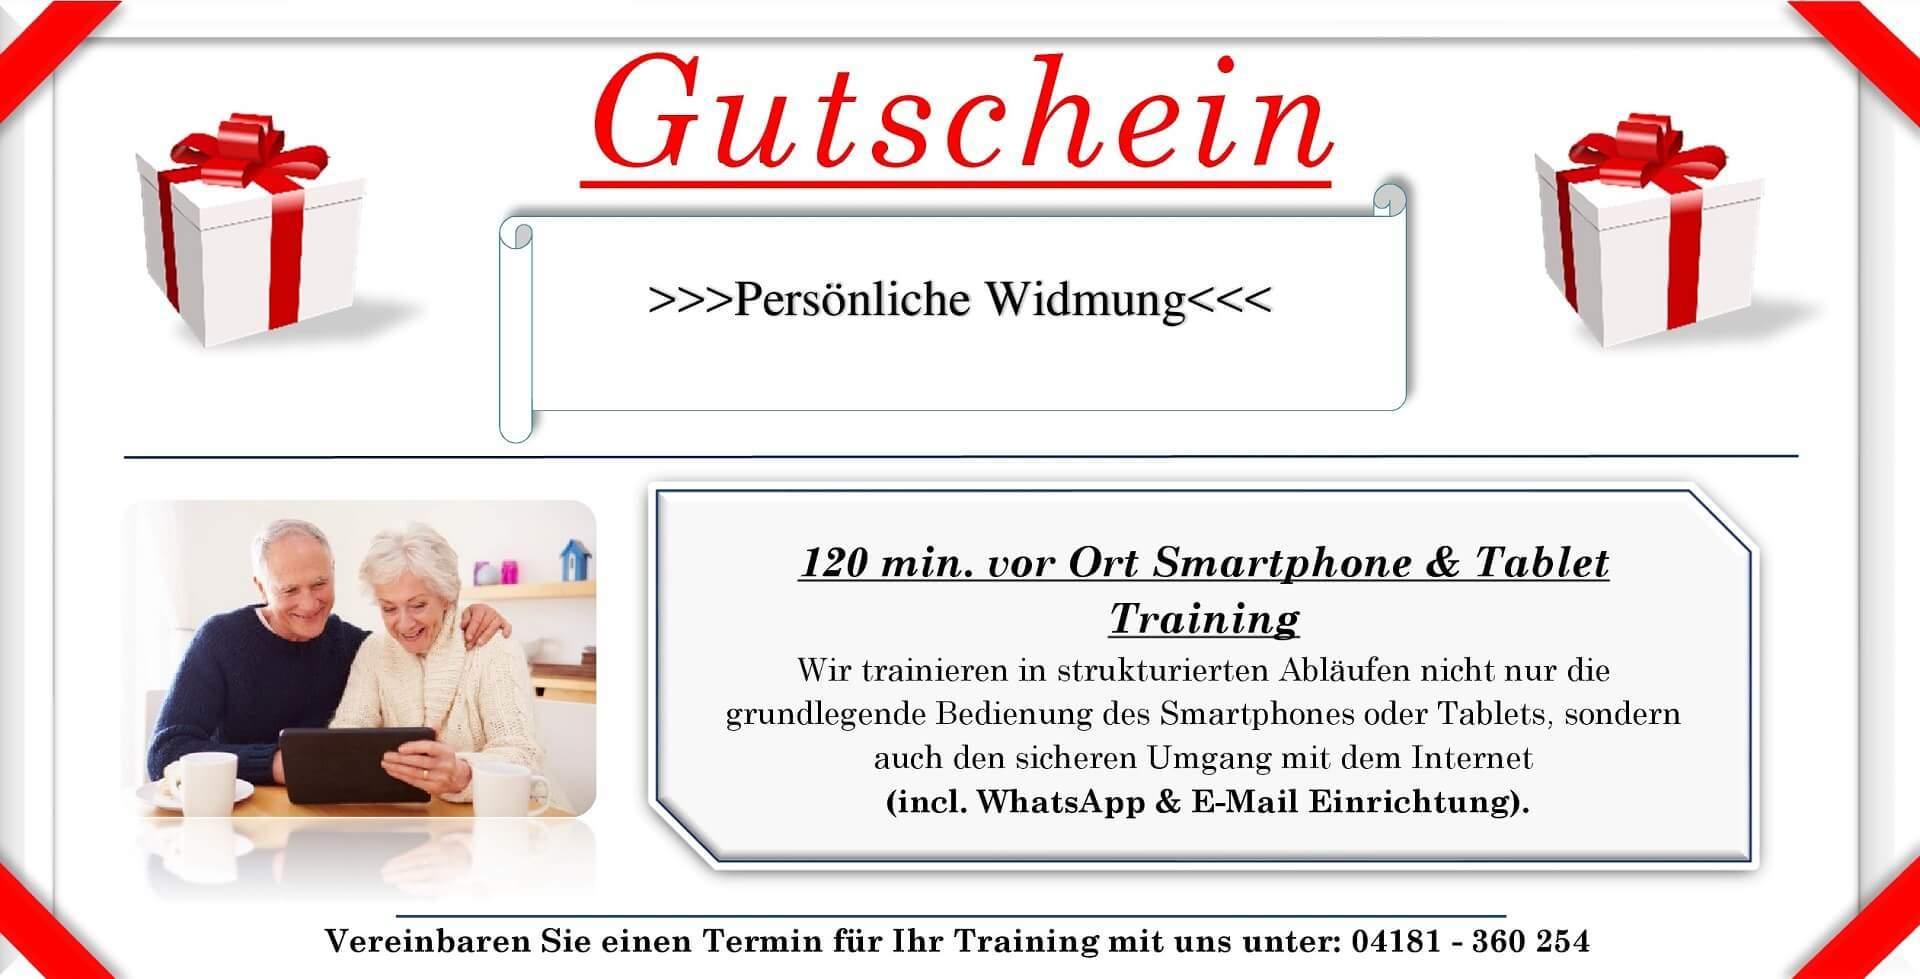 Beste Microsoft Office Gutschein Vorlage Bilder - Beispiel ...